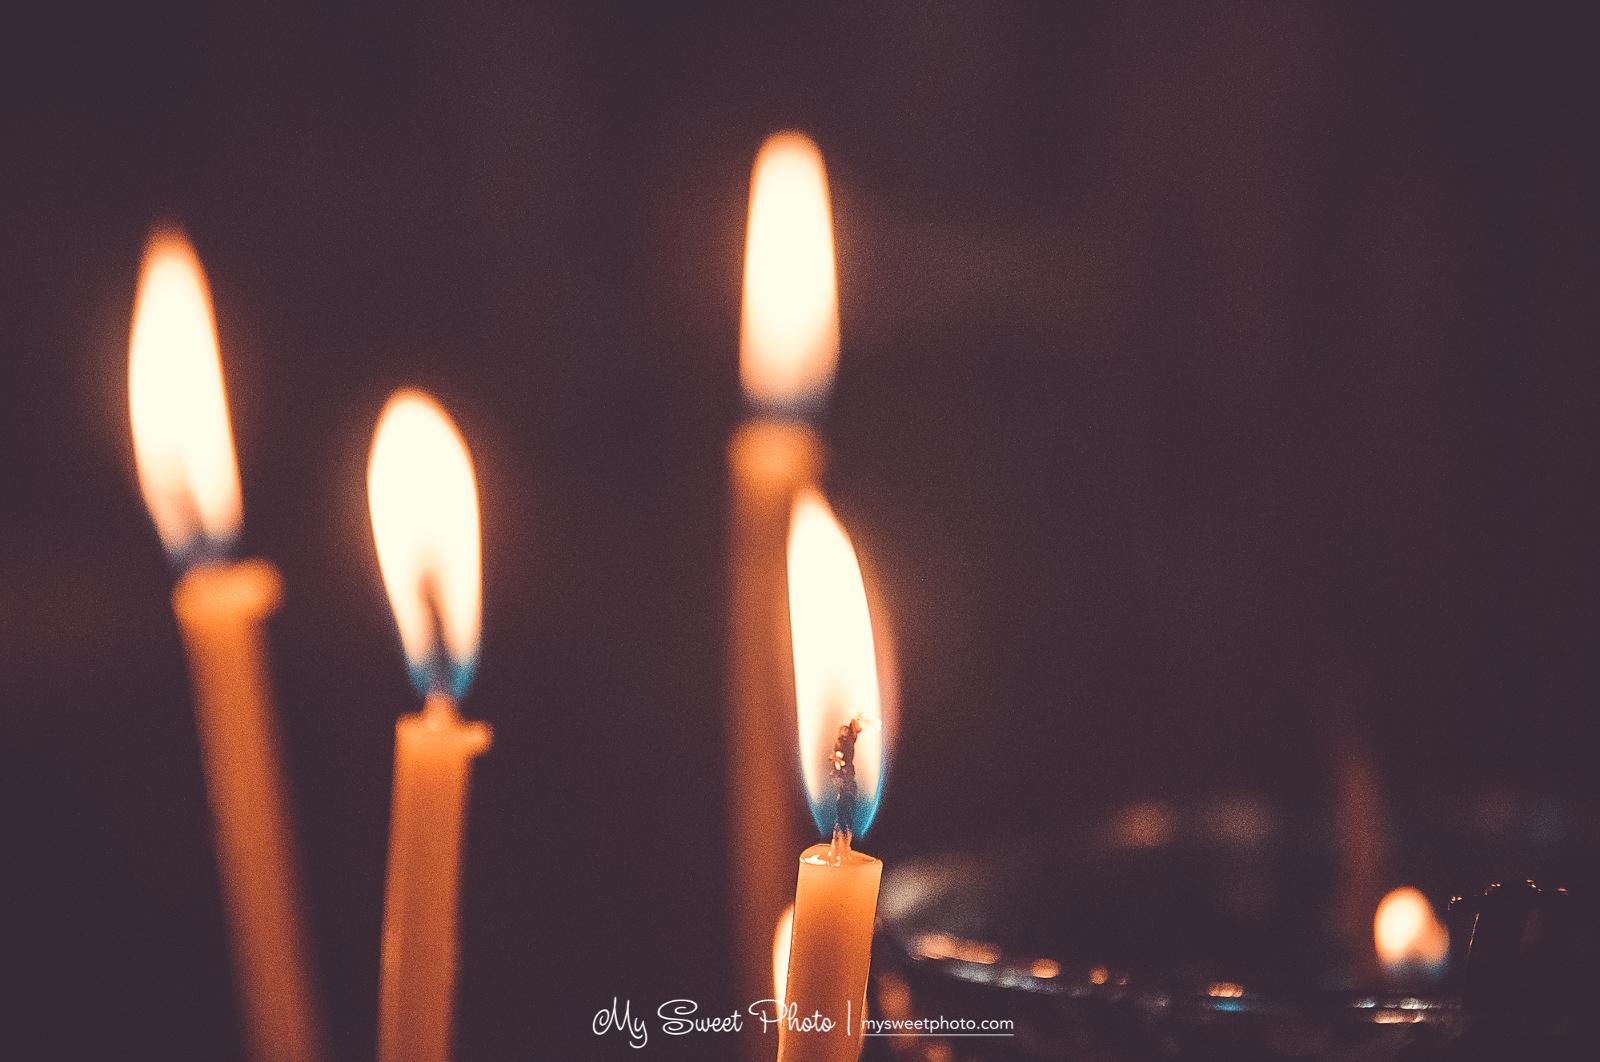   фотограф на крестины киев   фотограф на крещение киев   фотосессия крестин киев   фотосъемка крещения киев   фотосессия крестин ребенка киев   фотограф на крестины в киеве   крестины киев   фото крестин киев   фото крещения в киеве  